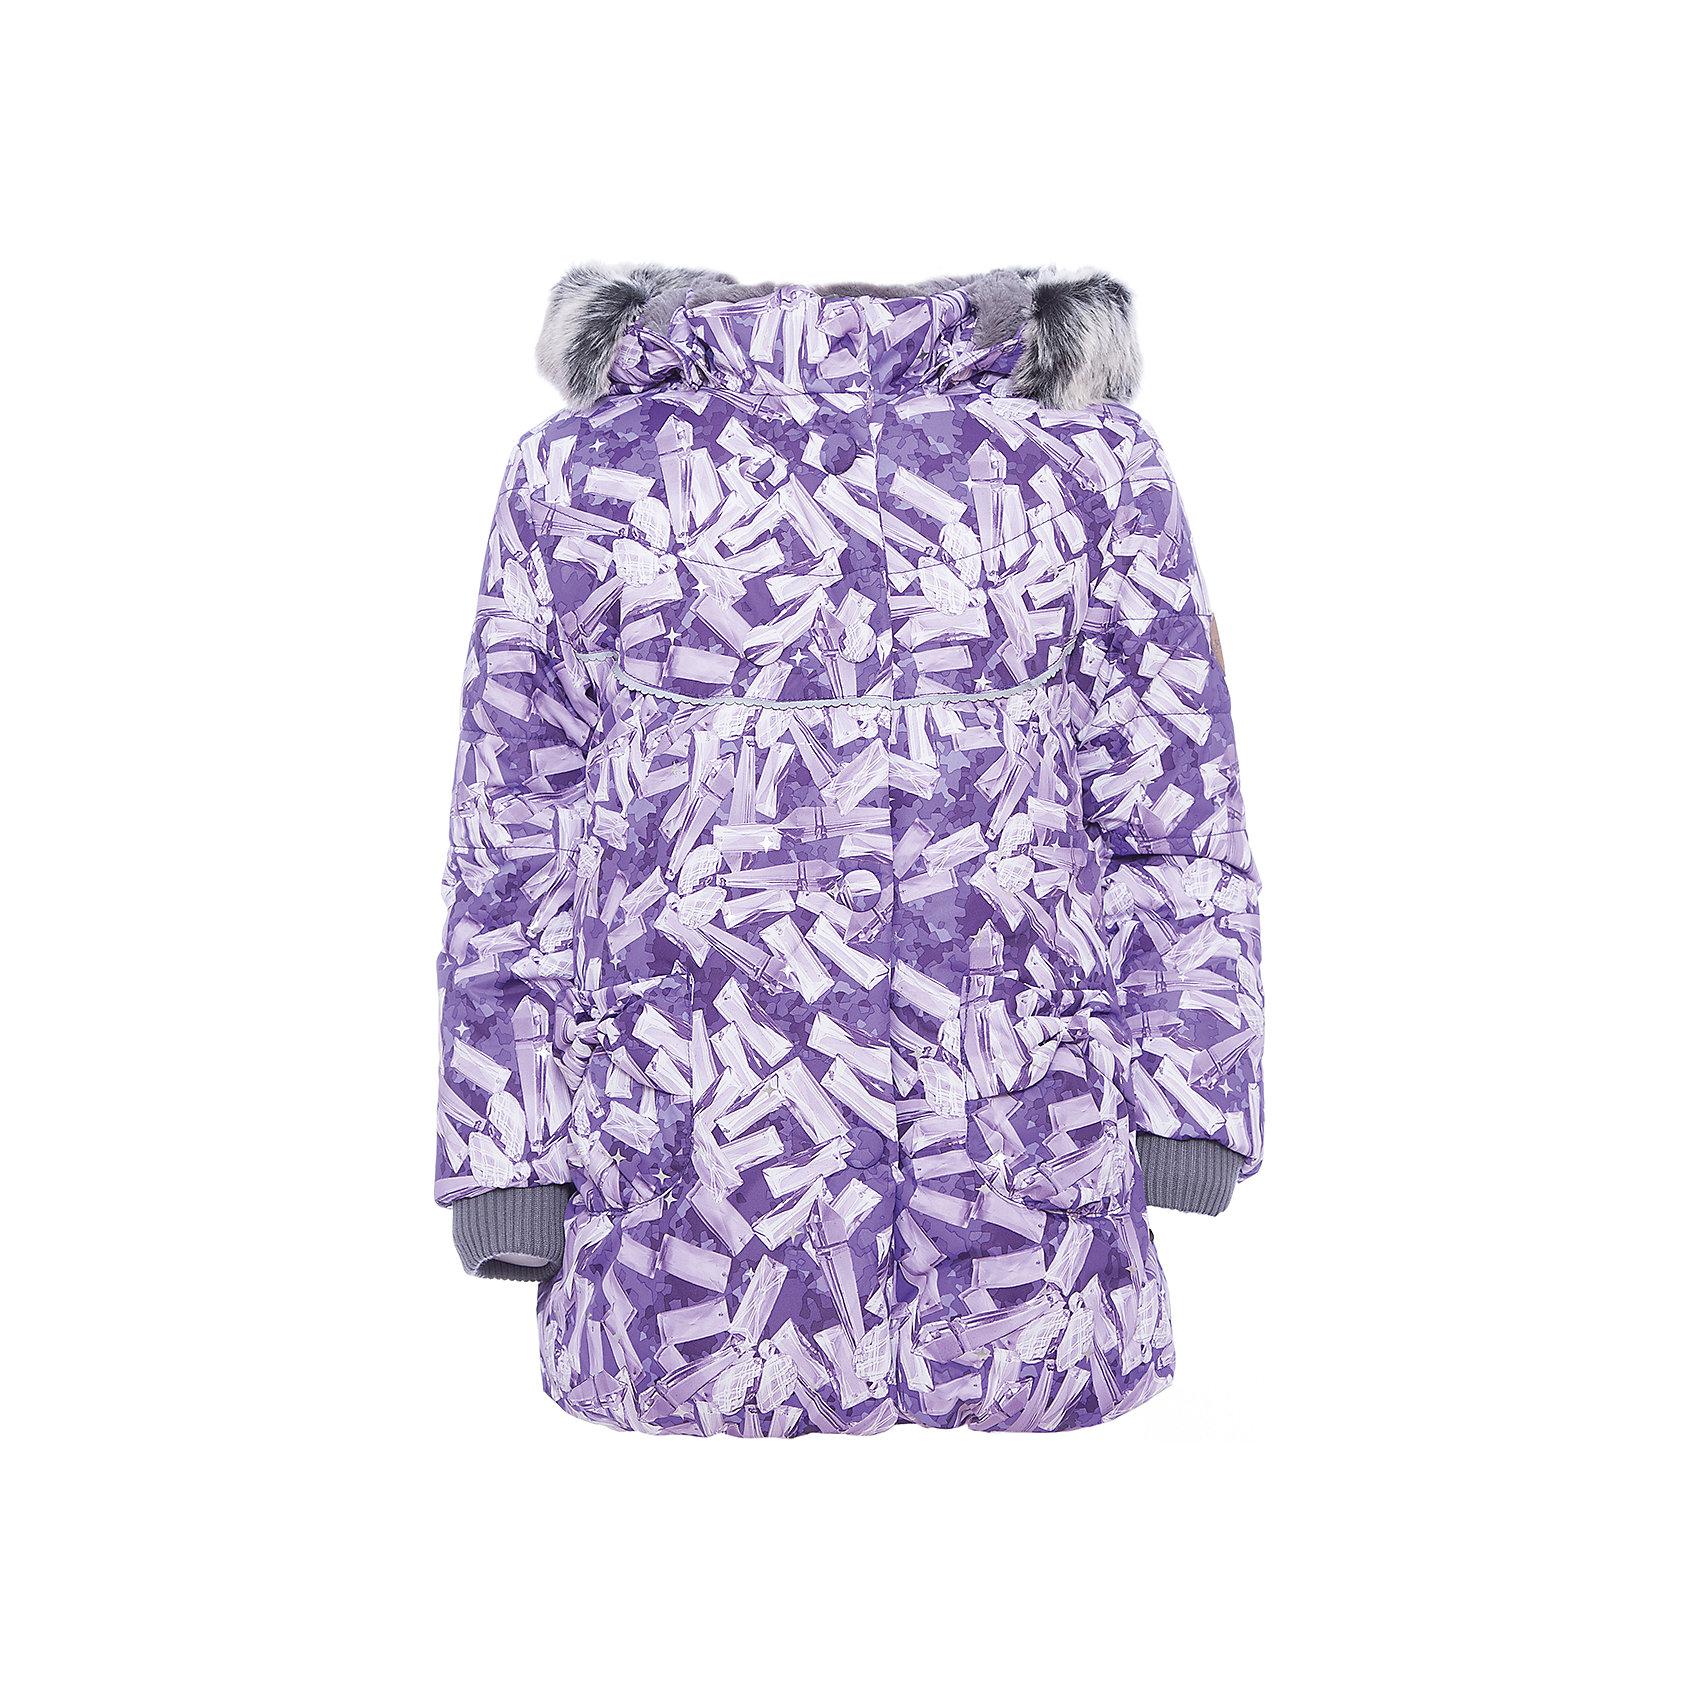 Куртка OLIVIA Huppa для девочкиВерхняя одежда<br>Характеристики товара:<br><br>• модель: Olivia;<br>• цвет: лиловый;<br>• состав: 100% полиэстер;<br>• утеплитель: полиэстер,300 гр.;<br>• подкладка: Teddy Fur, тафта,полиэстер;<br>• сезон: зима;<br>• температурный режим: от -5 до - 30С;<br>• водонепроницаемость: 5000 мм;<br>• воздухопроницаемость: 5000 г/м2/24ч;<br>• особенности модели: c рисунком; с мехом на капюшоне;<br>• защитная планка молнии на кнопках;<br>• защита подбородка от защемления;<br>• мягкая меховая подкладка;<br>• безопасный капюшон крепится на кнопки и, при необходимости, отстегивается;<br>• искусственный мех на капюшоне съемный;<br>• спереди расположены два накладныхкармана, с декором в виде бантиков;<br>• светоотражающие элементы для безопасности ребенка;<br>•  трикотажные манжеты; <br>• страна бренда: Финляндия;<br>• страна изготовитель: Эстония.<br><br>Зимняя куртка с капюшоном Olivia для девочки изготовлена из водо и ветронепроницаемого, грязеотталкивающего материала. В куртке Olivia 300 грамм утеплителя, которые обеспечат тепло и комфорт ребенку при температуре от -5 до -30 градусов.Подкладка —Teddy Fur,тафта.<br><br>Функциональные элементы: капюшон отстегивается с помощью кнопок, мех отстегивается, защитная планка молнии на кнопках, защита подбородка от защемления, мягкая меховая подкладка, карманы без застежек, трикотажные манжеты, светоотражающие элементы. <br><br>Куртку Olivia для девочки бренда HUPPA  можно купить в нашем интернет-магазине.<br><br>Ширина мм: 356<br>Глубина мм: 10<br>Высота мм: 245<br>Вес г: 519<br>Цвет: лиловый<br>Возраст от месяцев: 72<br>Возраст до месяцев: 84<br>Пол: Женский<br>Возраст: Детский<br>Размер: 122,80,86,92,98,104,110,116<br>SKU: 7024864